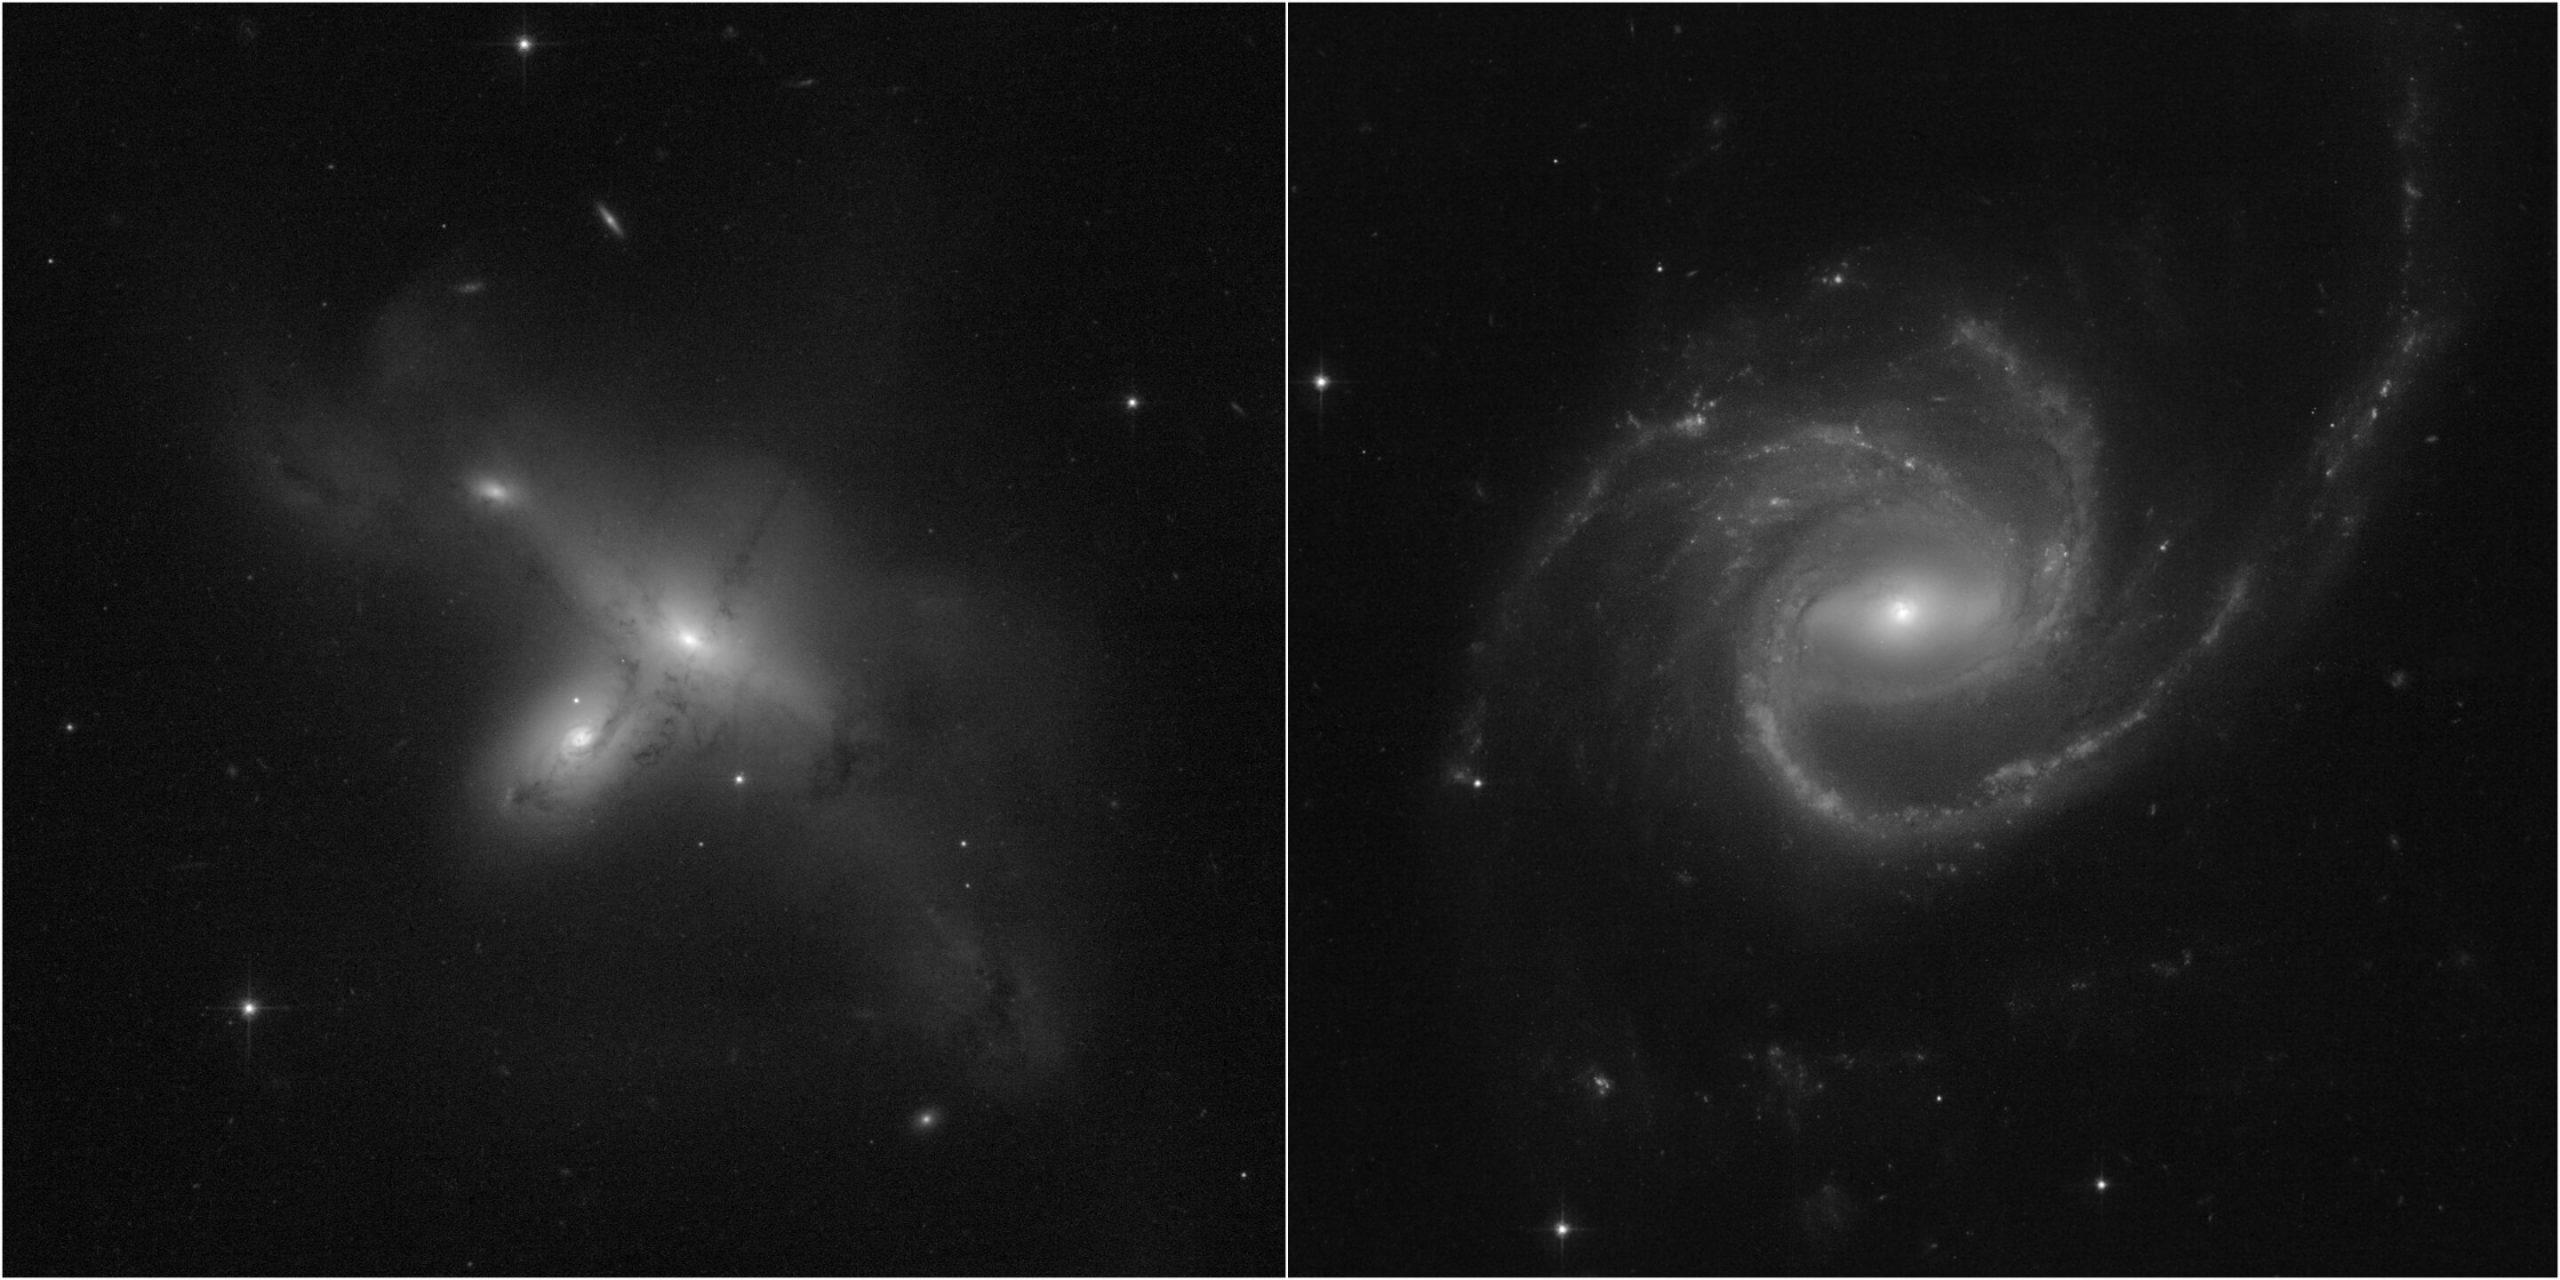 Imagens de galáxias captadas pelo Hubble